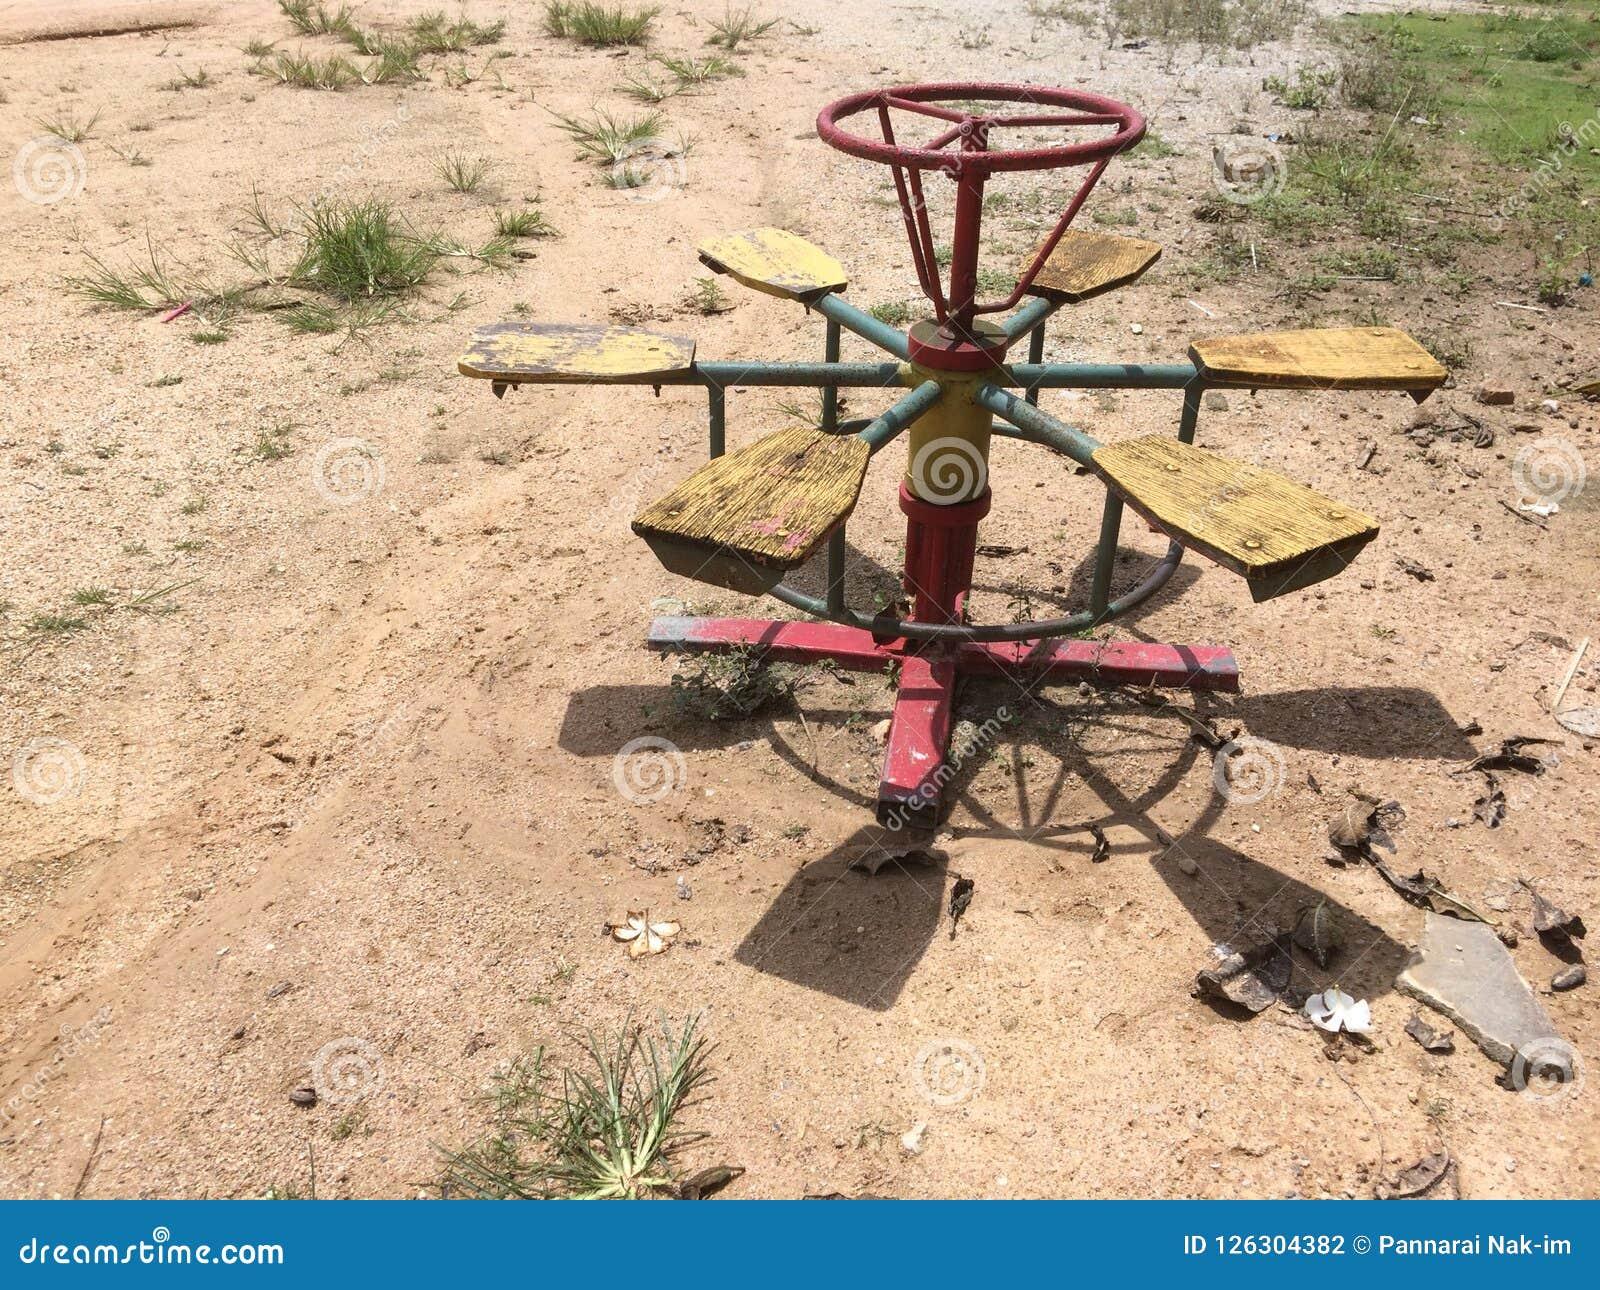 Le carrousel est un jouet pour les enfants ruraux